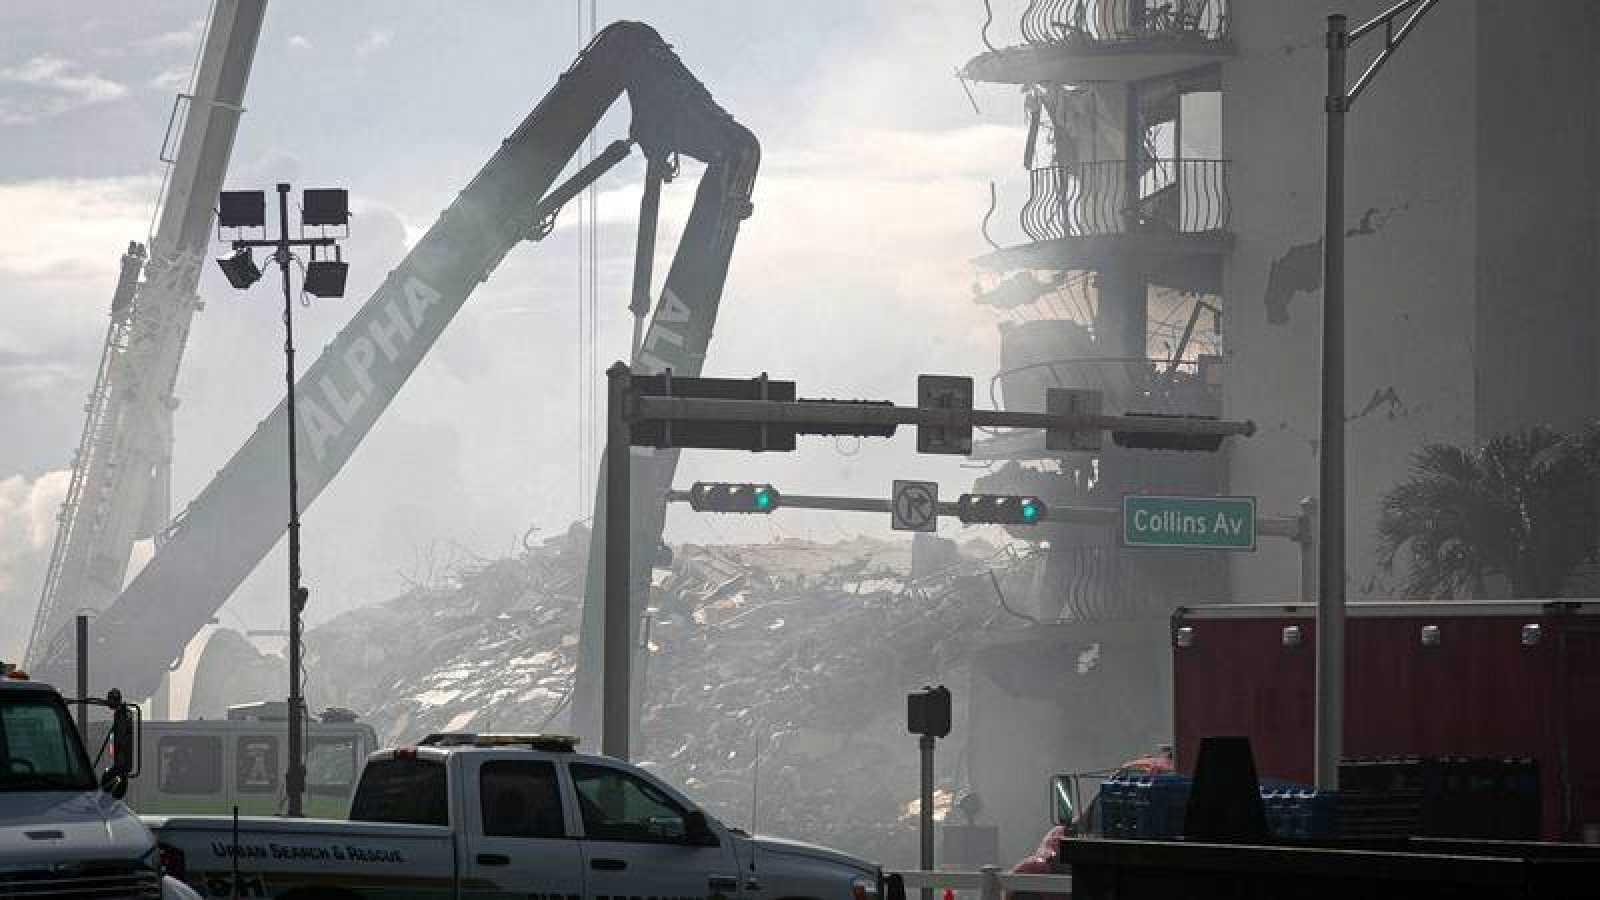 Máquinas de construcción trabajan en el lugar del derrumbe enSurfside, Florida